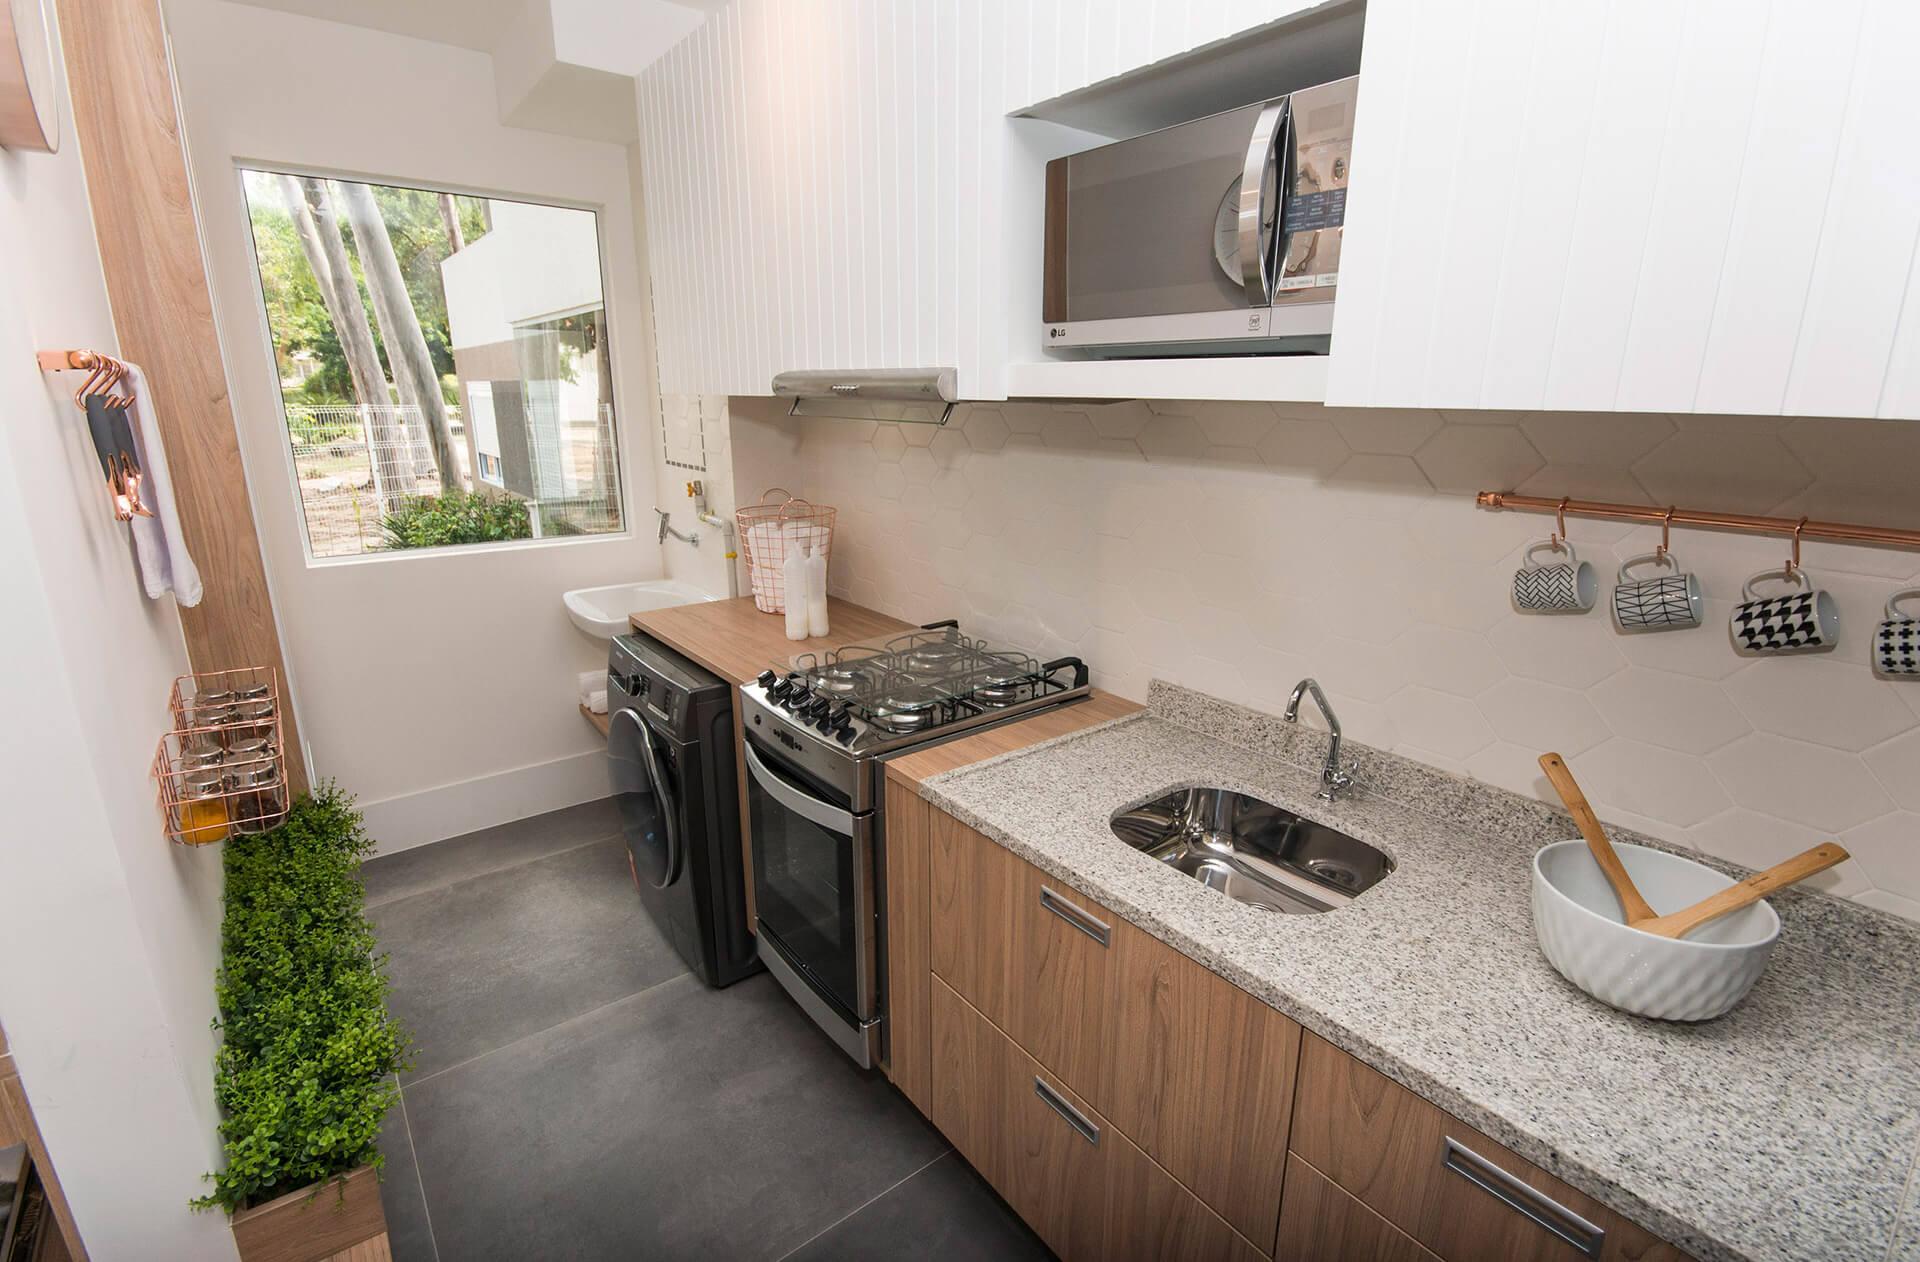 Cozinha De Apartamento Mrv Resimden Com -> Apartamento Mrv Decorado Fotos